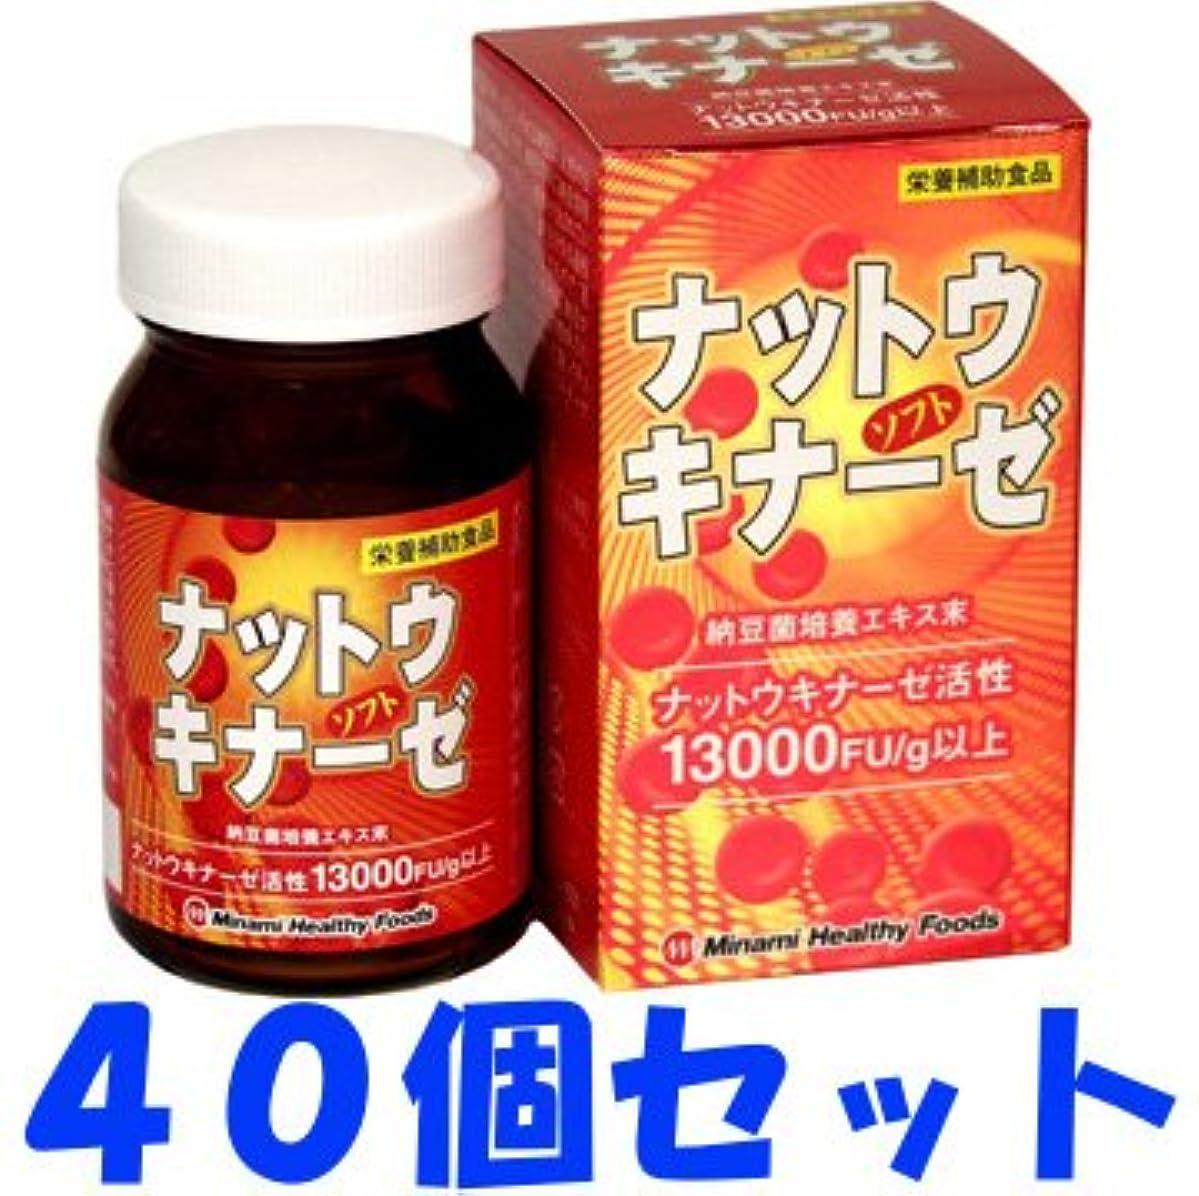 ピービッシュ犬技術者【ケース販売】ナットウキナーゼソフト 90球×40個セット